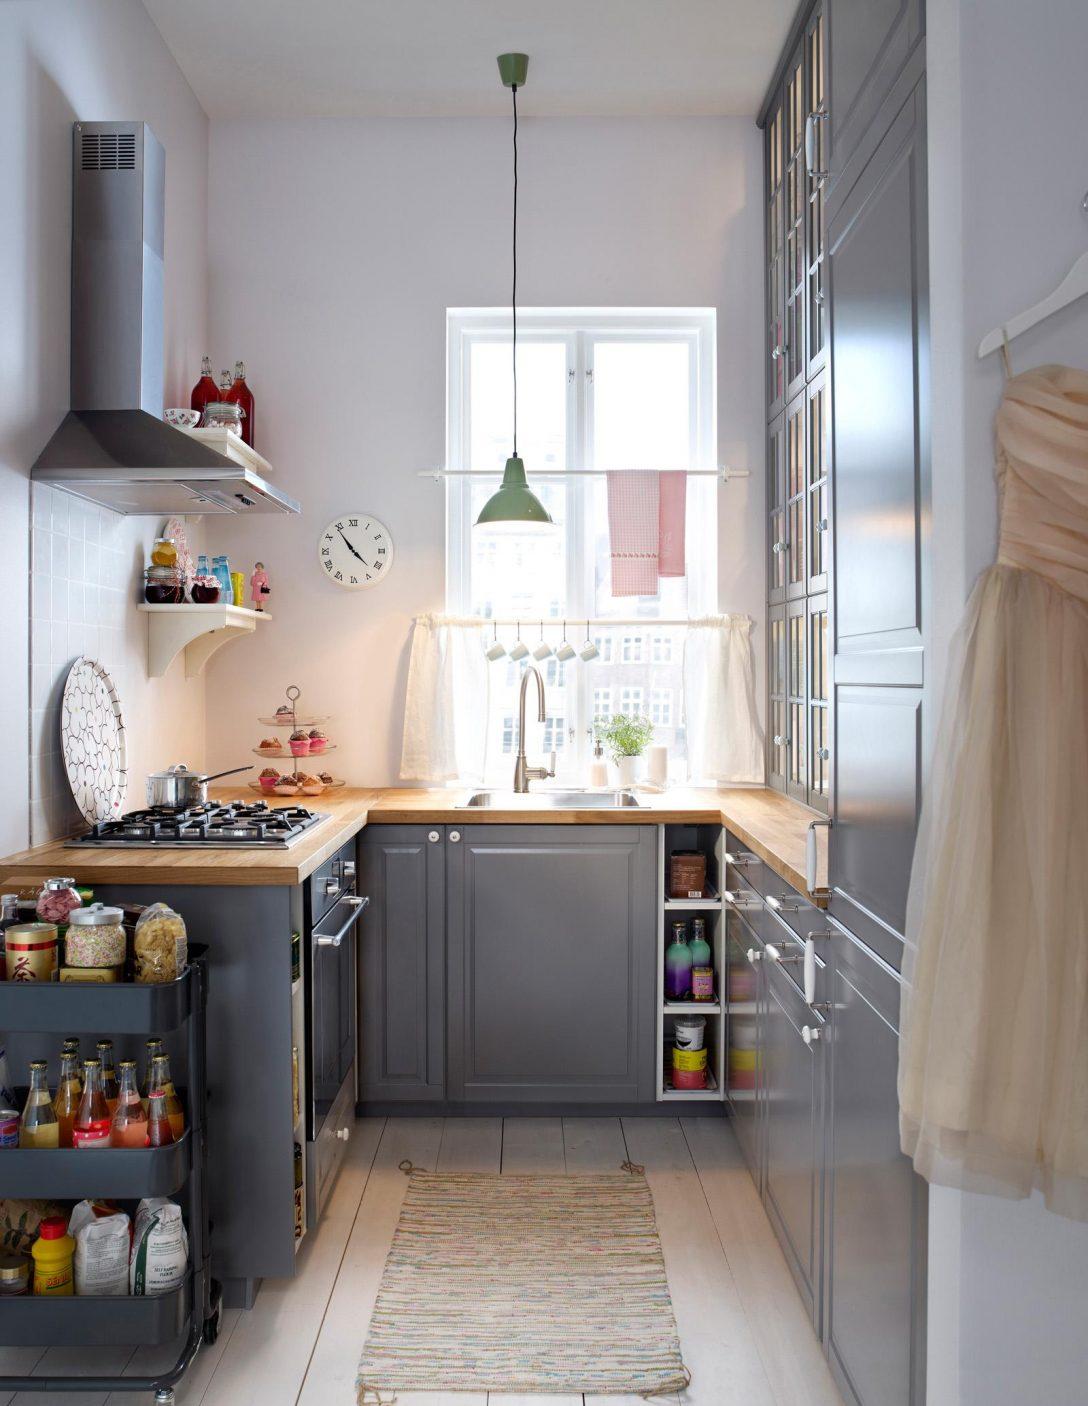 Large Size of Handtuchhalter Küche Vintage Ideen Handtuchhalter Küche Handtuchhalter Küche Edelstahl Handtuchhalter Küche Mit Vorhang Küche Handtuchhalter Küche